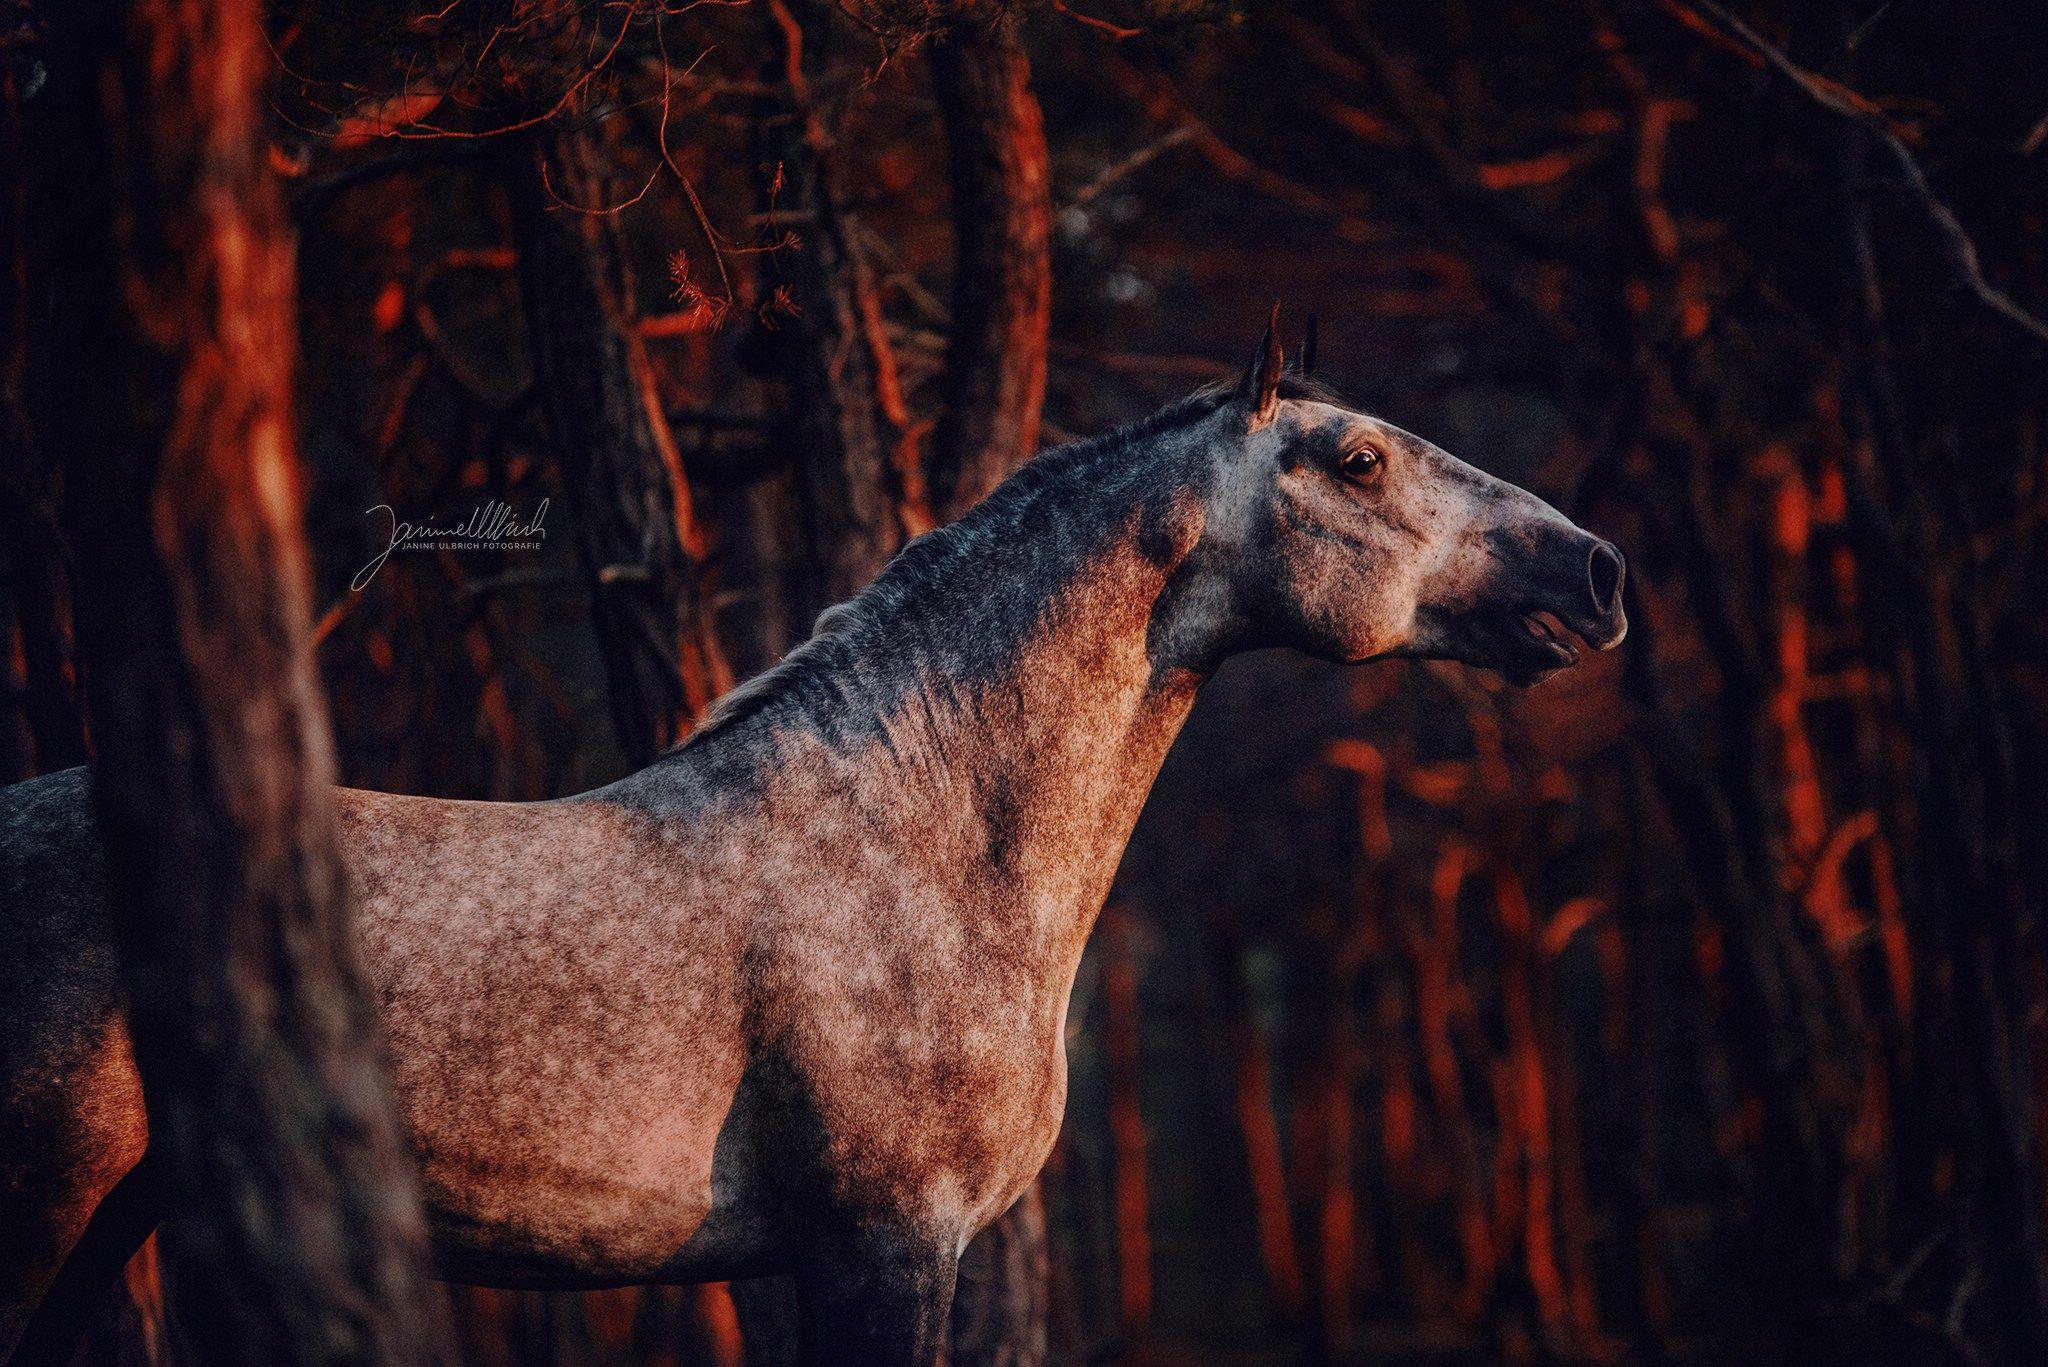 Wie Ein Drache Aus Der Glut 3 Pferdebilder Pferdefotografie Pferdewelt Pferde Fotografie Pferde Wallpaper Muster Pferd